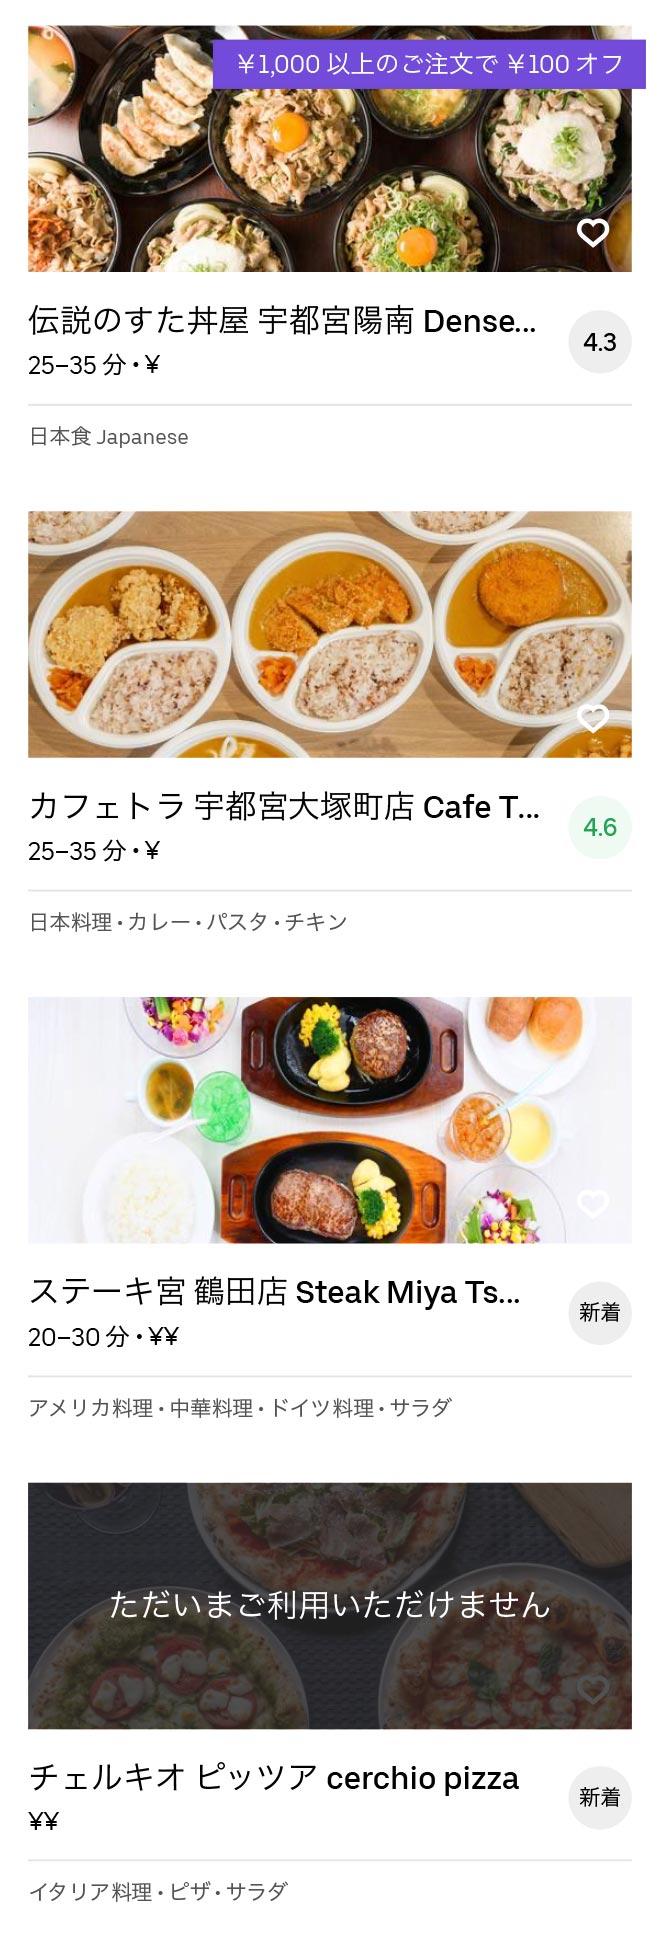 Utsunomiya tsuruta menu 200603